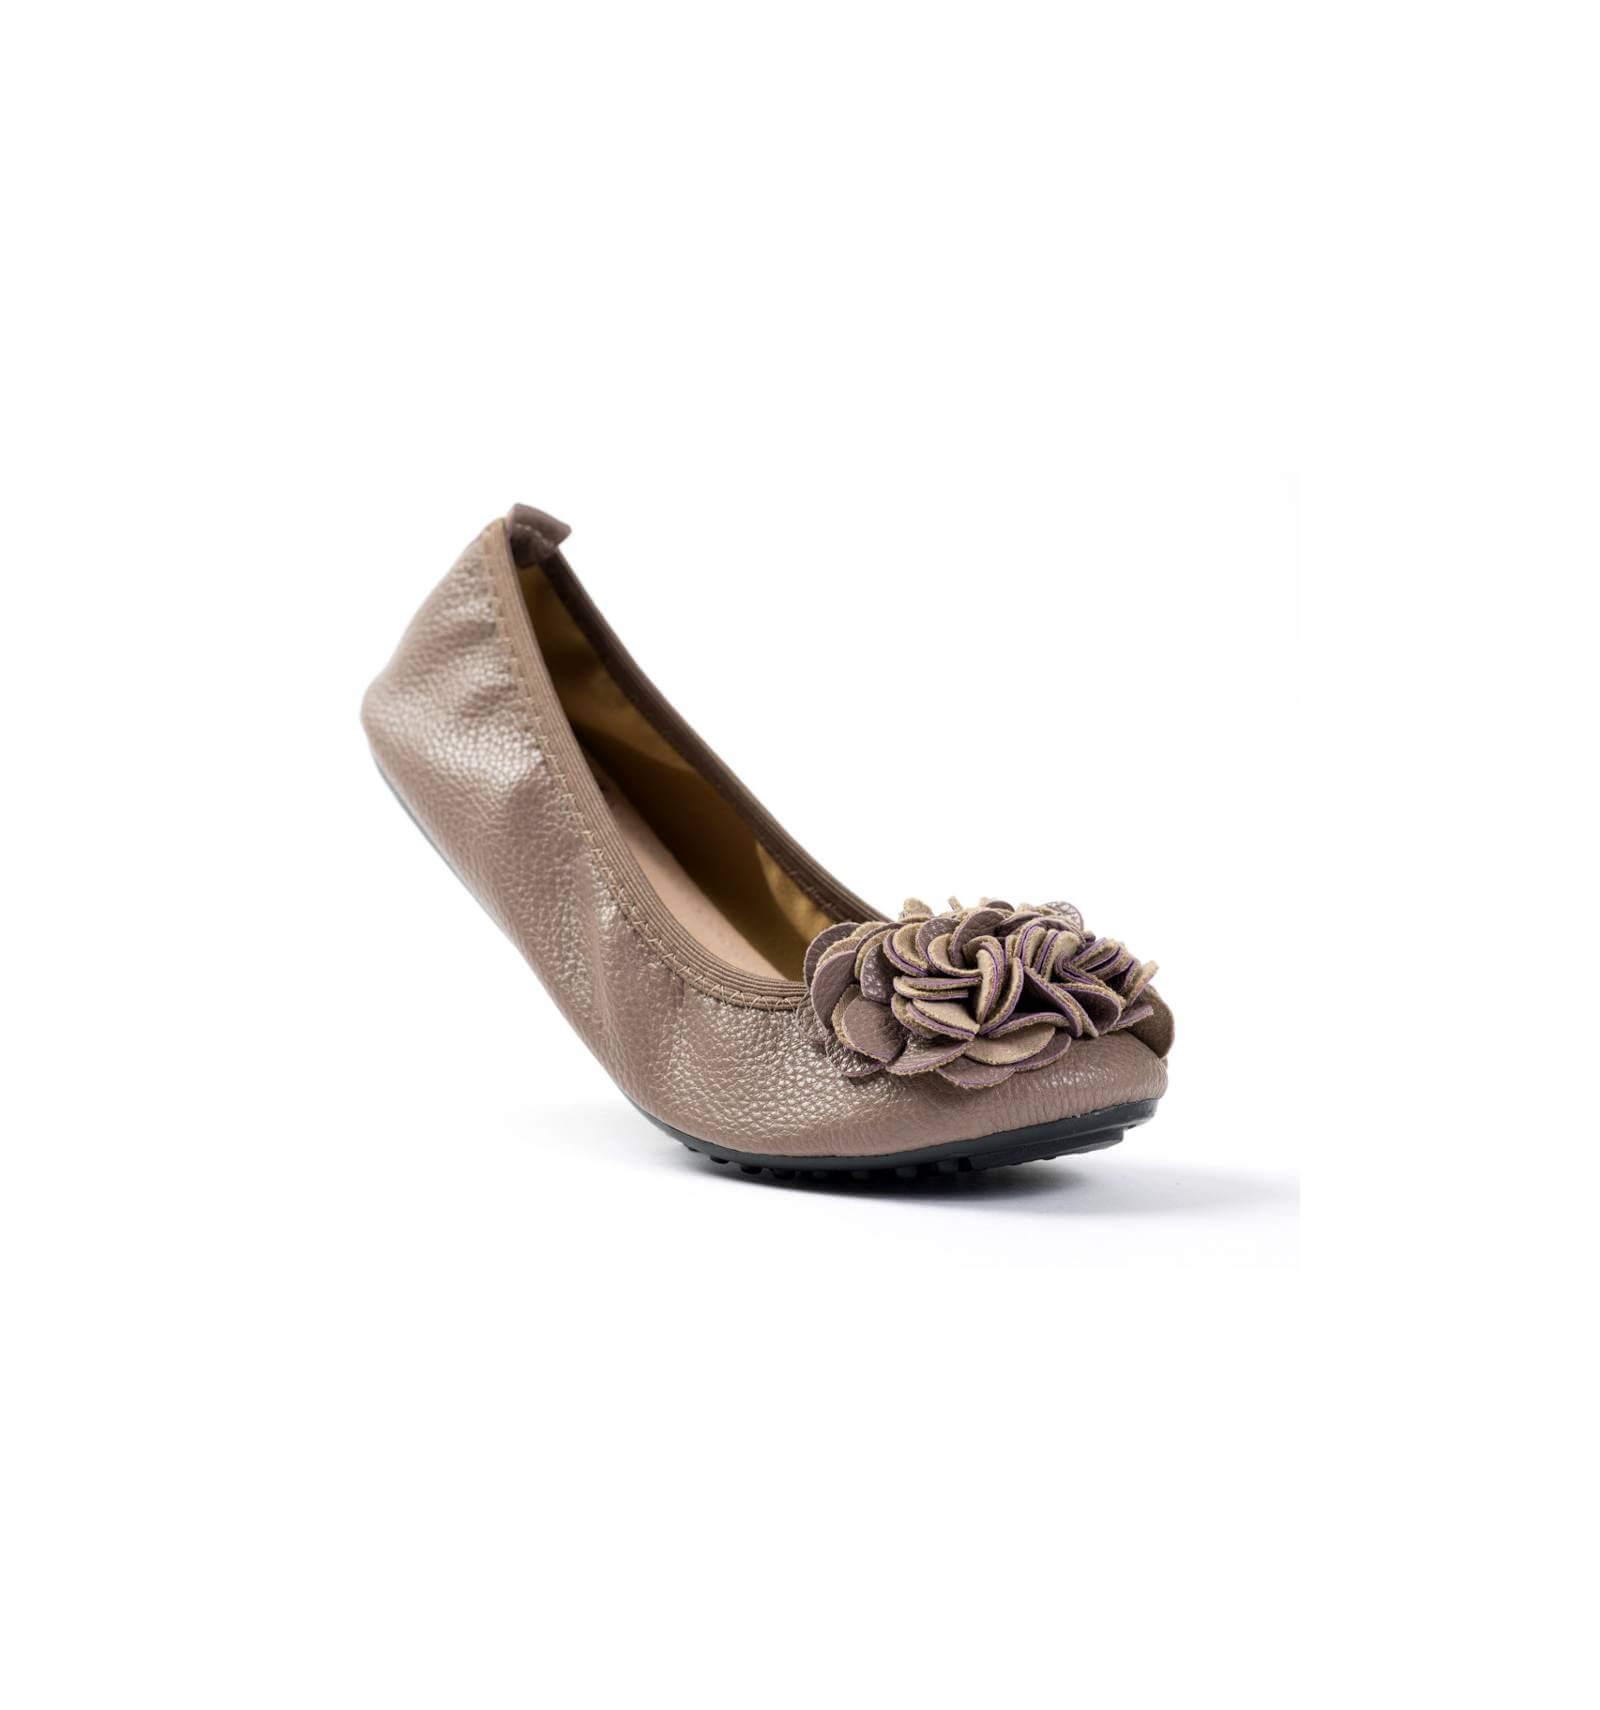 8ab64c8efc9 Paris City Shoes - Chaussure Femme Pas Chère confortable et de ...